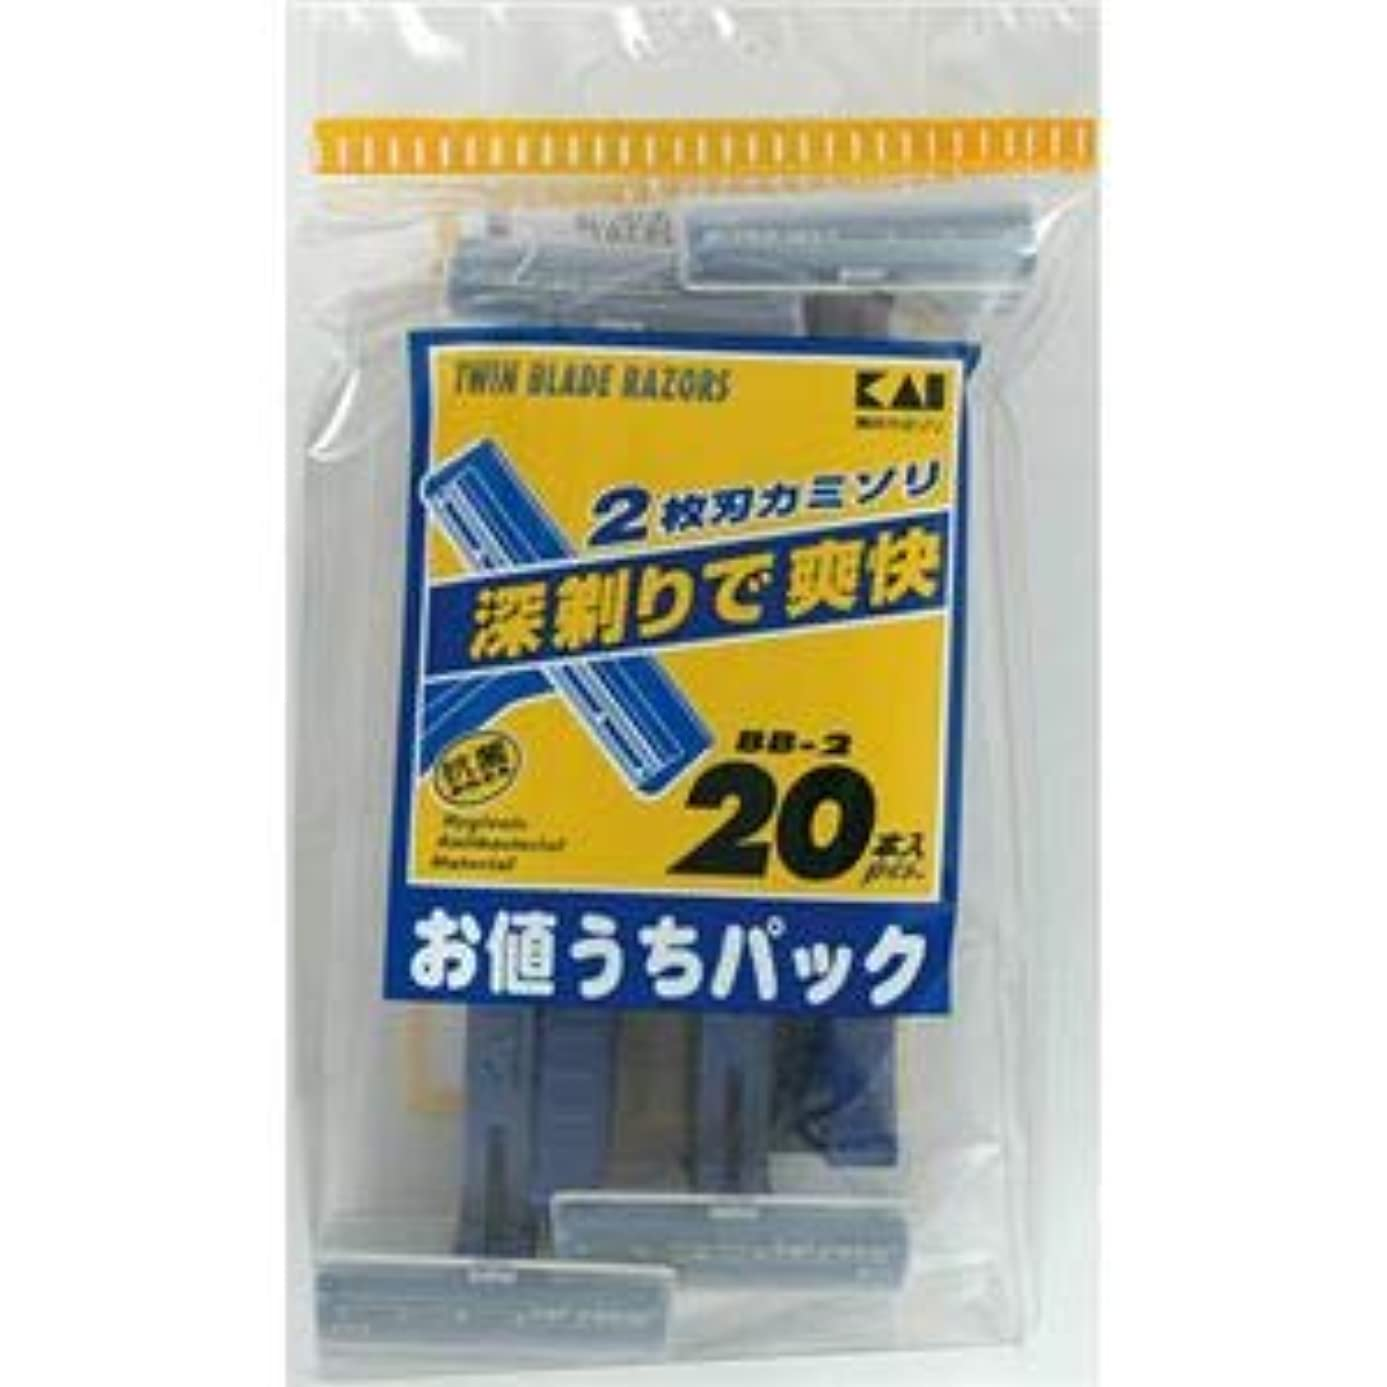 歯遠洋の確立(業務用20セット) 貝印 BB-2 2枚刃カミソリ 20本